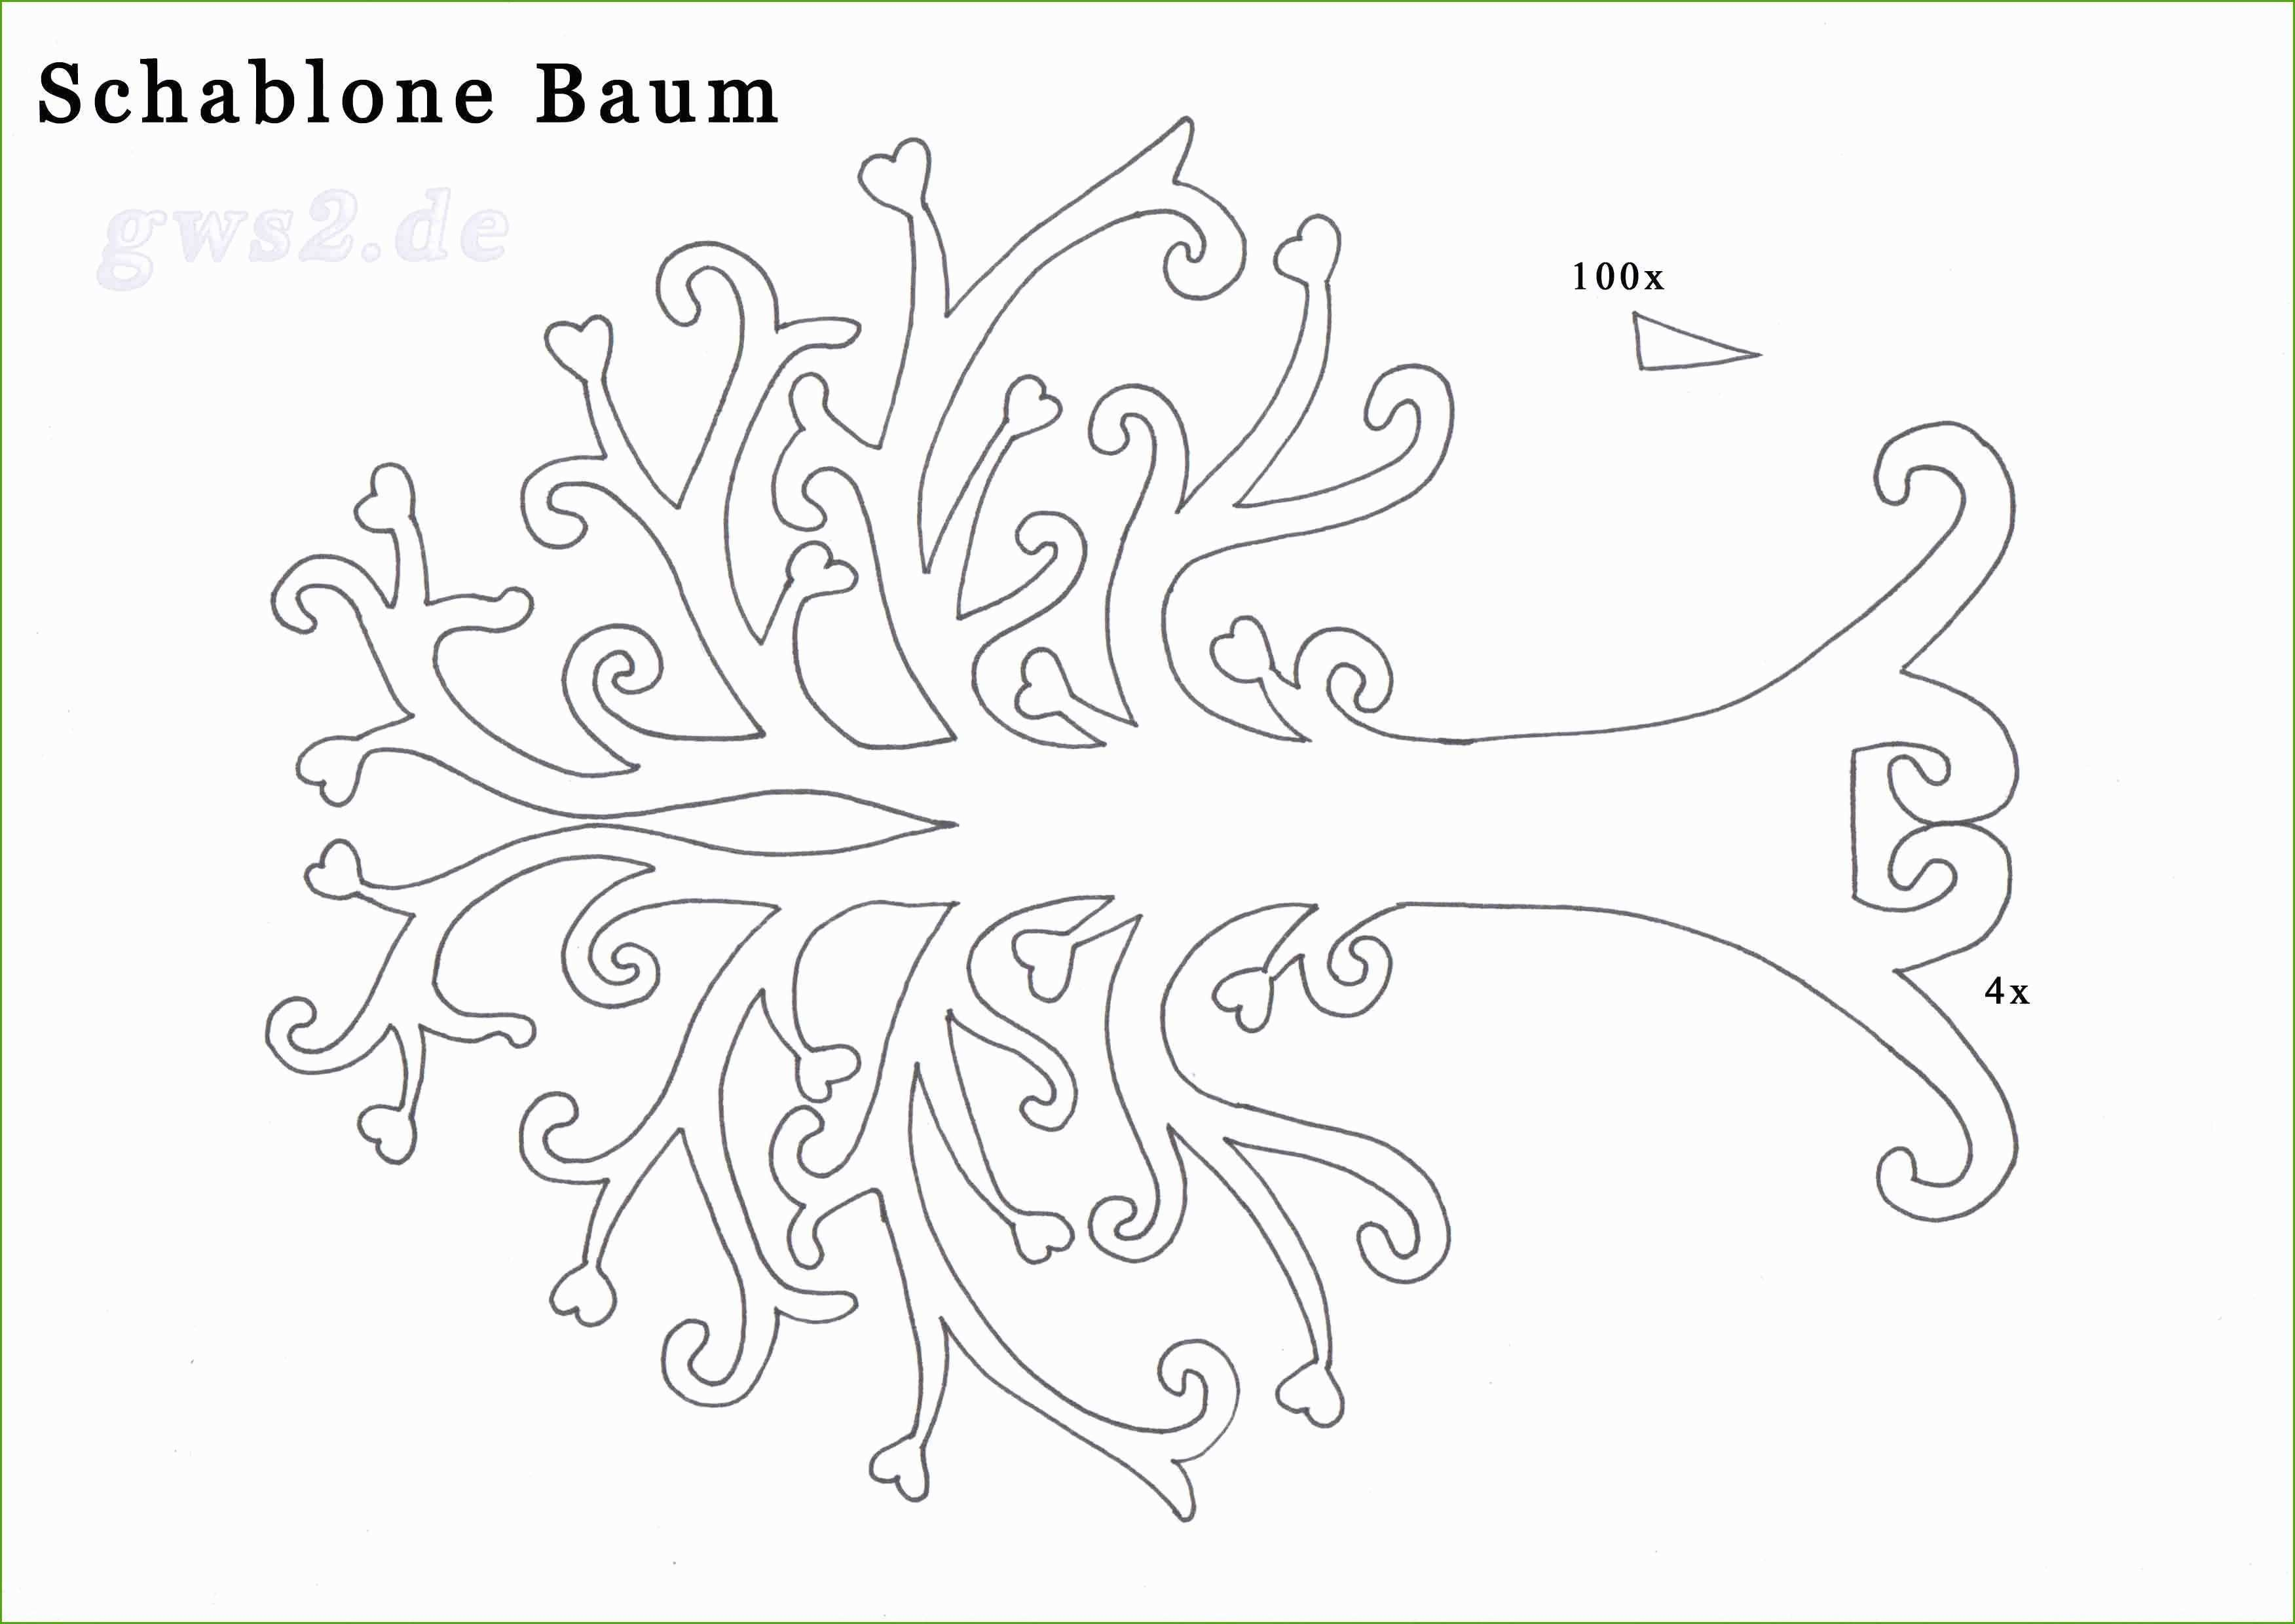 Blatter Vorlagen Zum Ausschneiden Wunderbar Baum Basteln Herbstliche Dekoration Baum Basteln Bastelvorlagen Baum